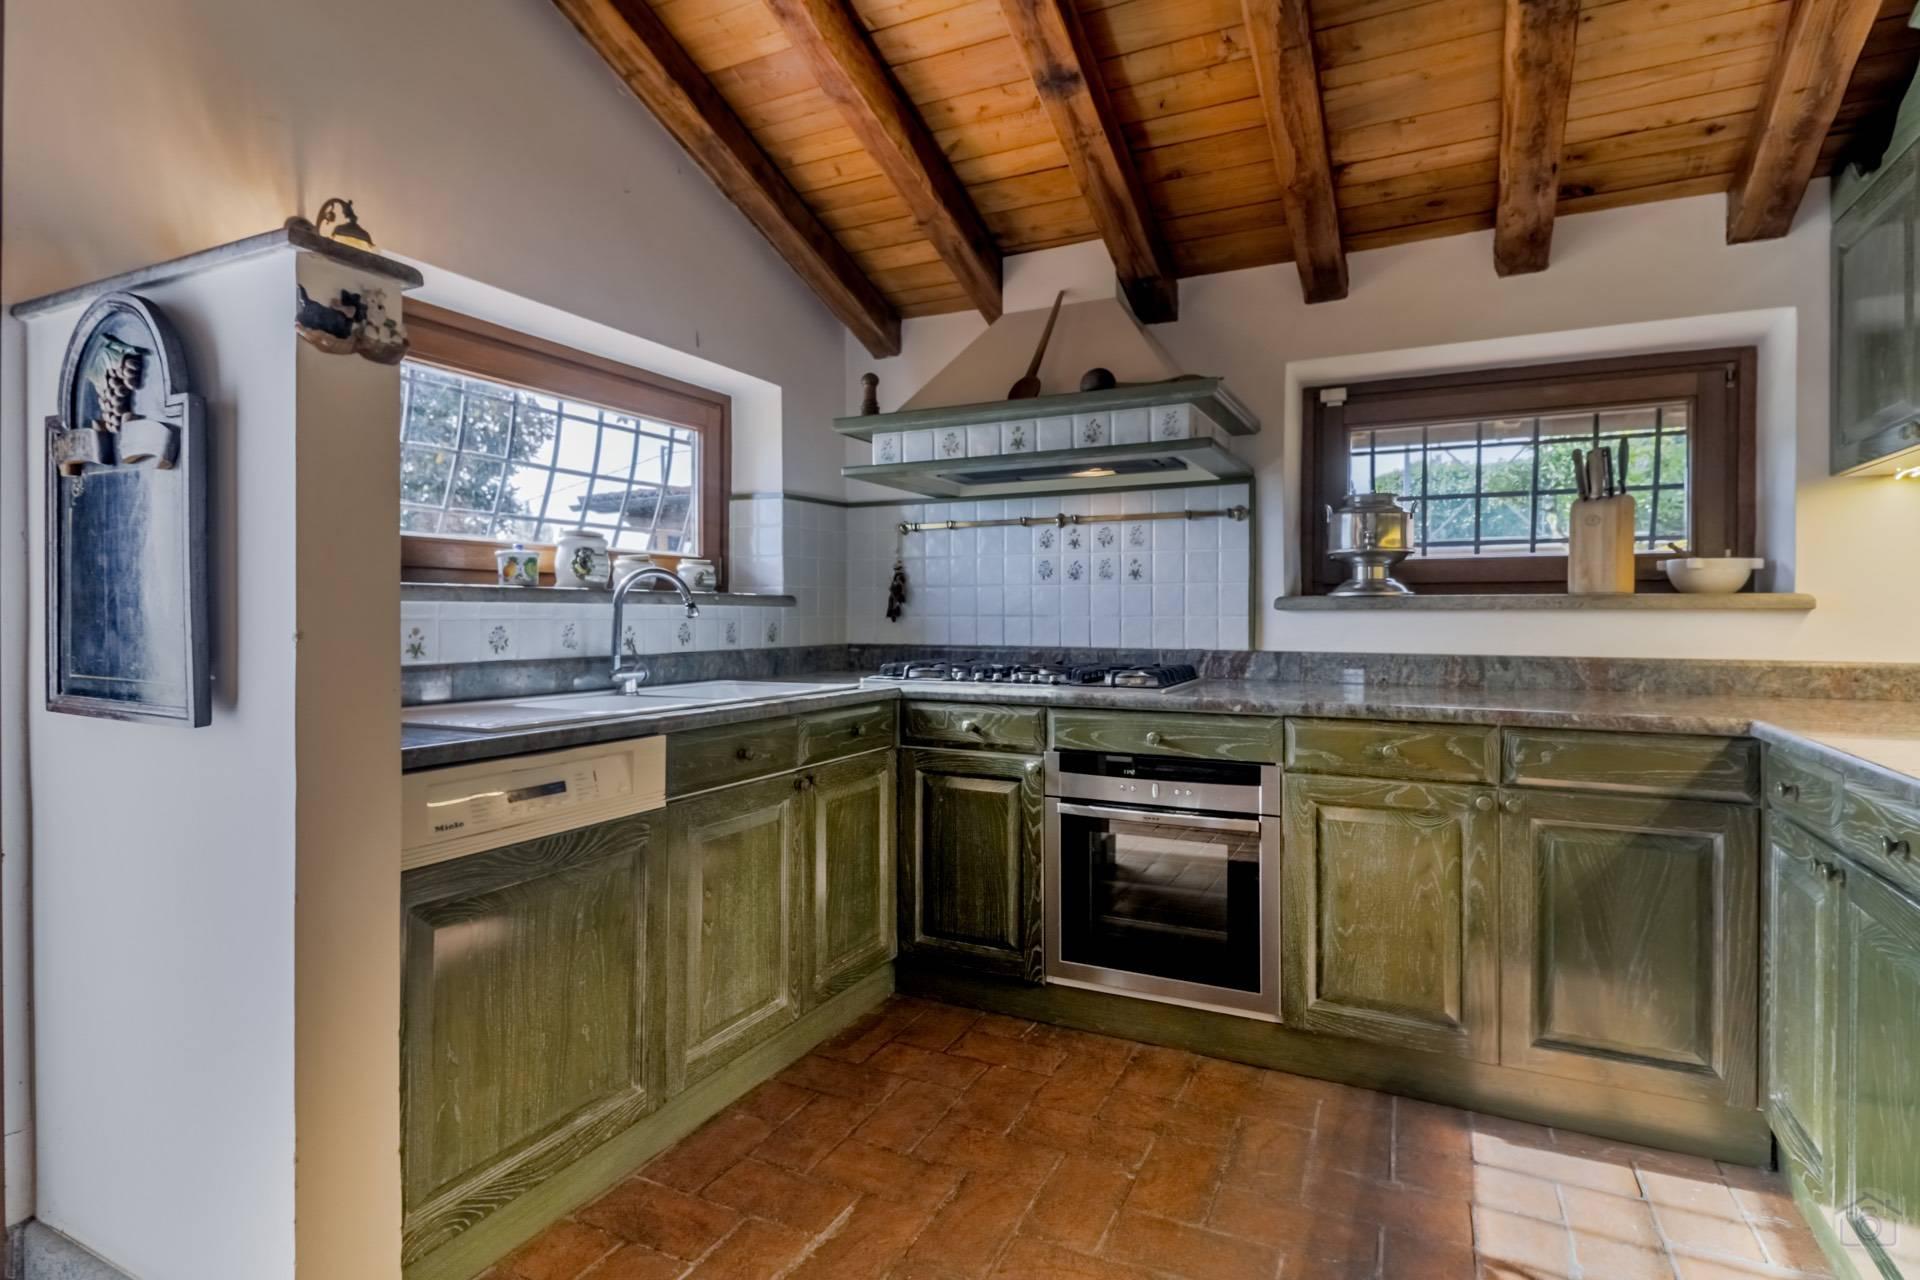 Villa in Vendita a Sacrofano: 5 locali, 180 mq - Foto 9